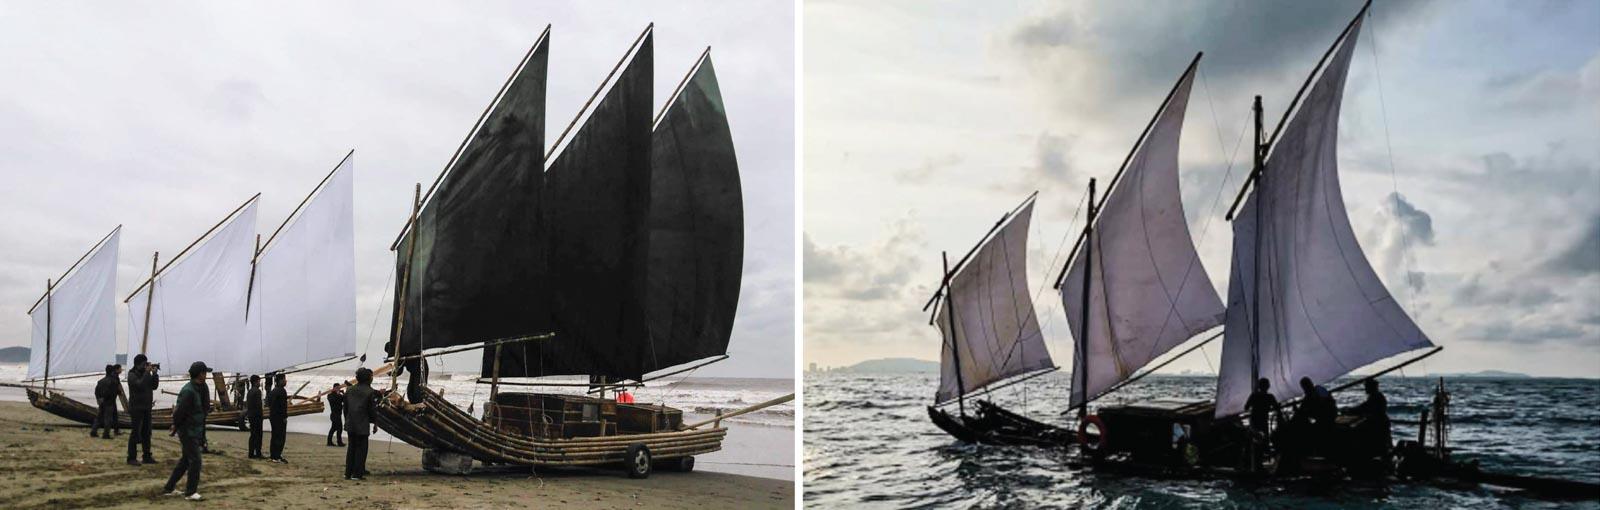 Ông Châu Văn Hùng: Có cộng đồng đủ mạnh, môn thuyền buồm sẽ đóng góp lớn cho du lịch biển 2